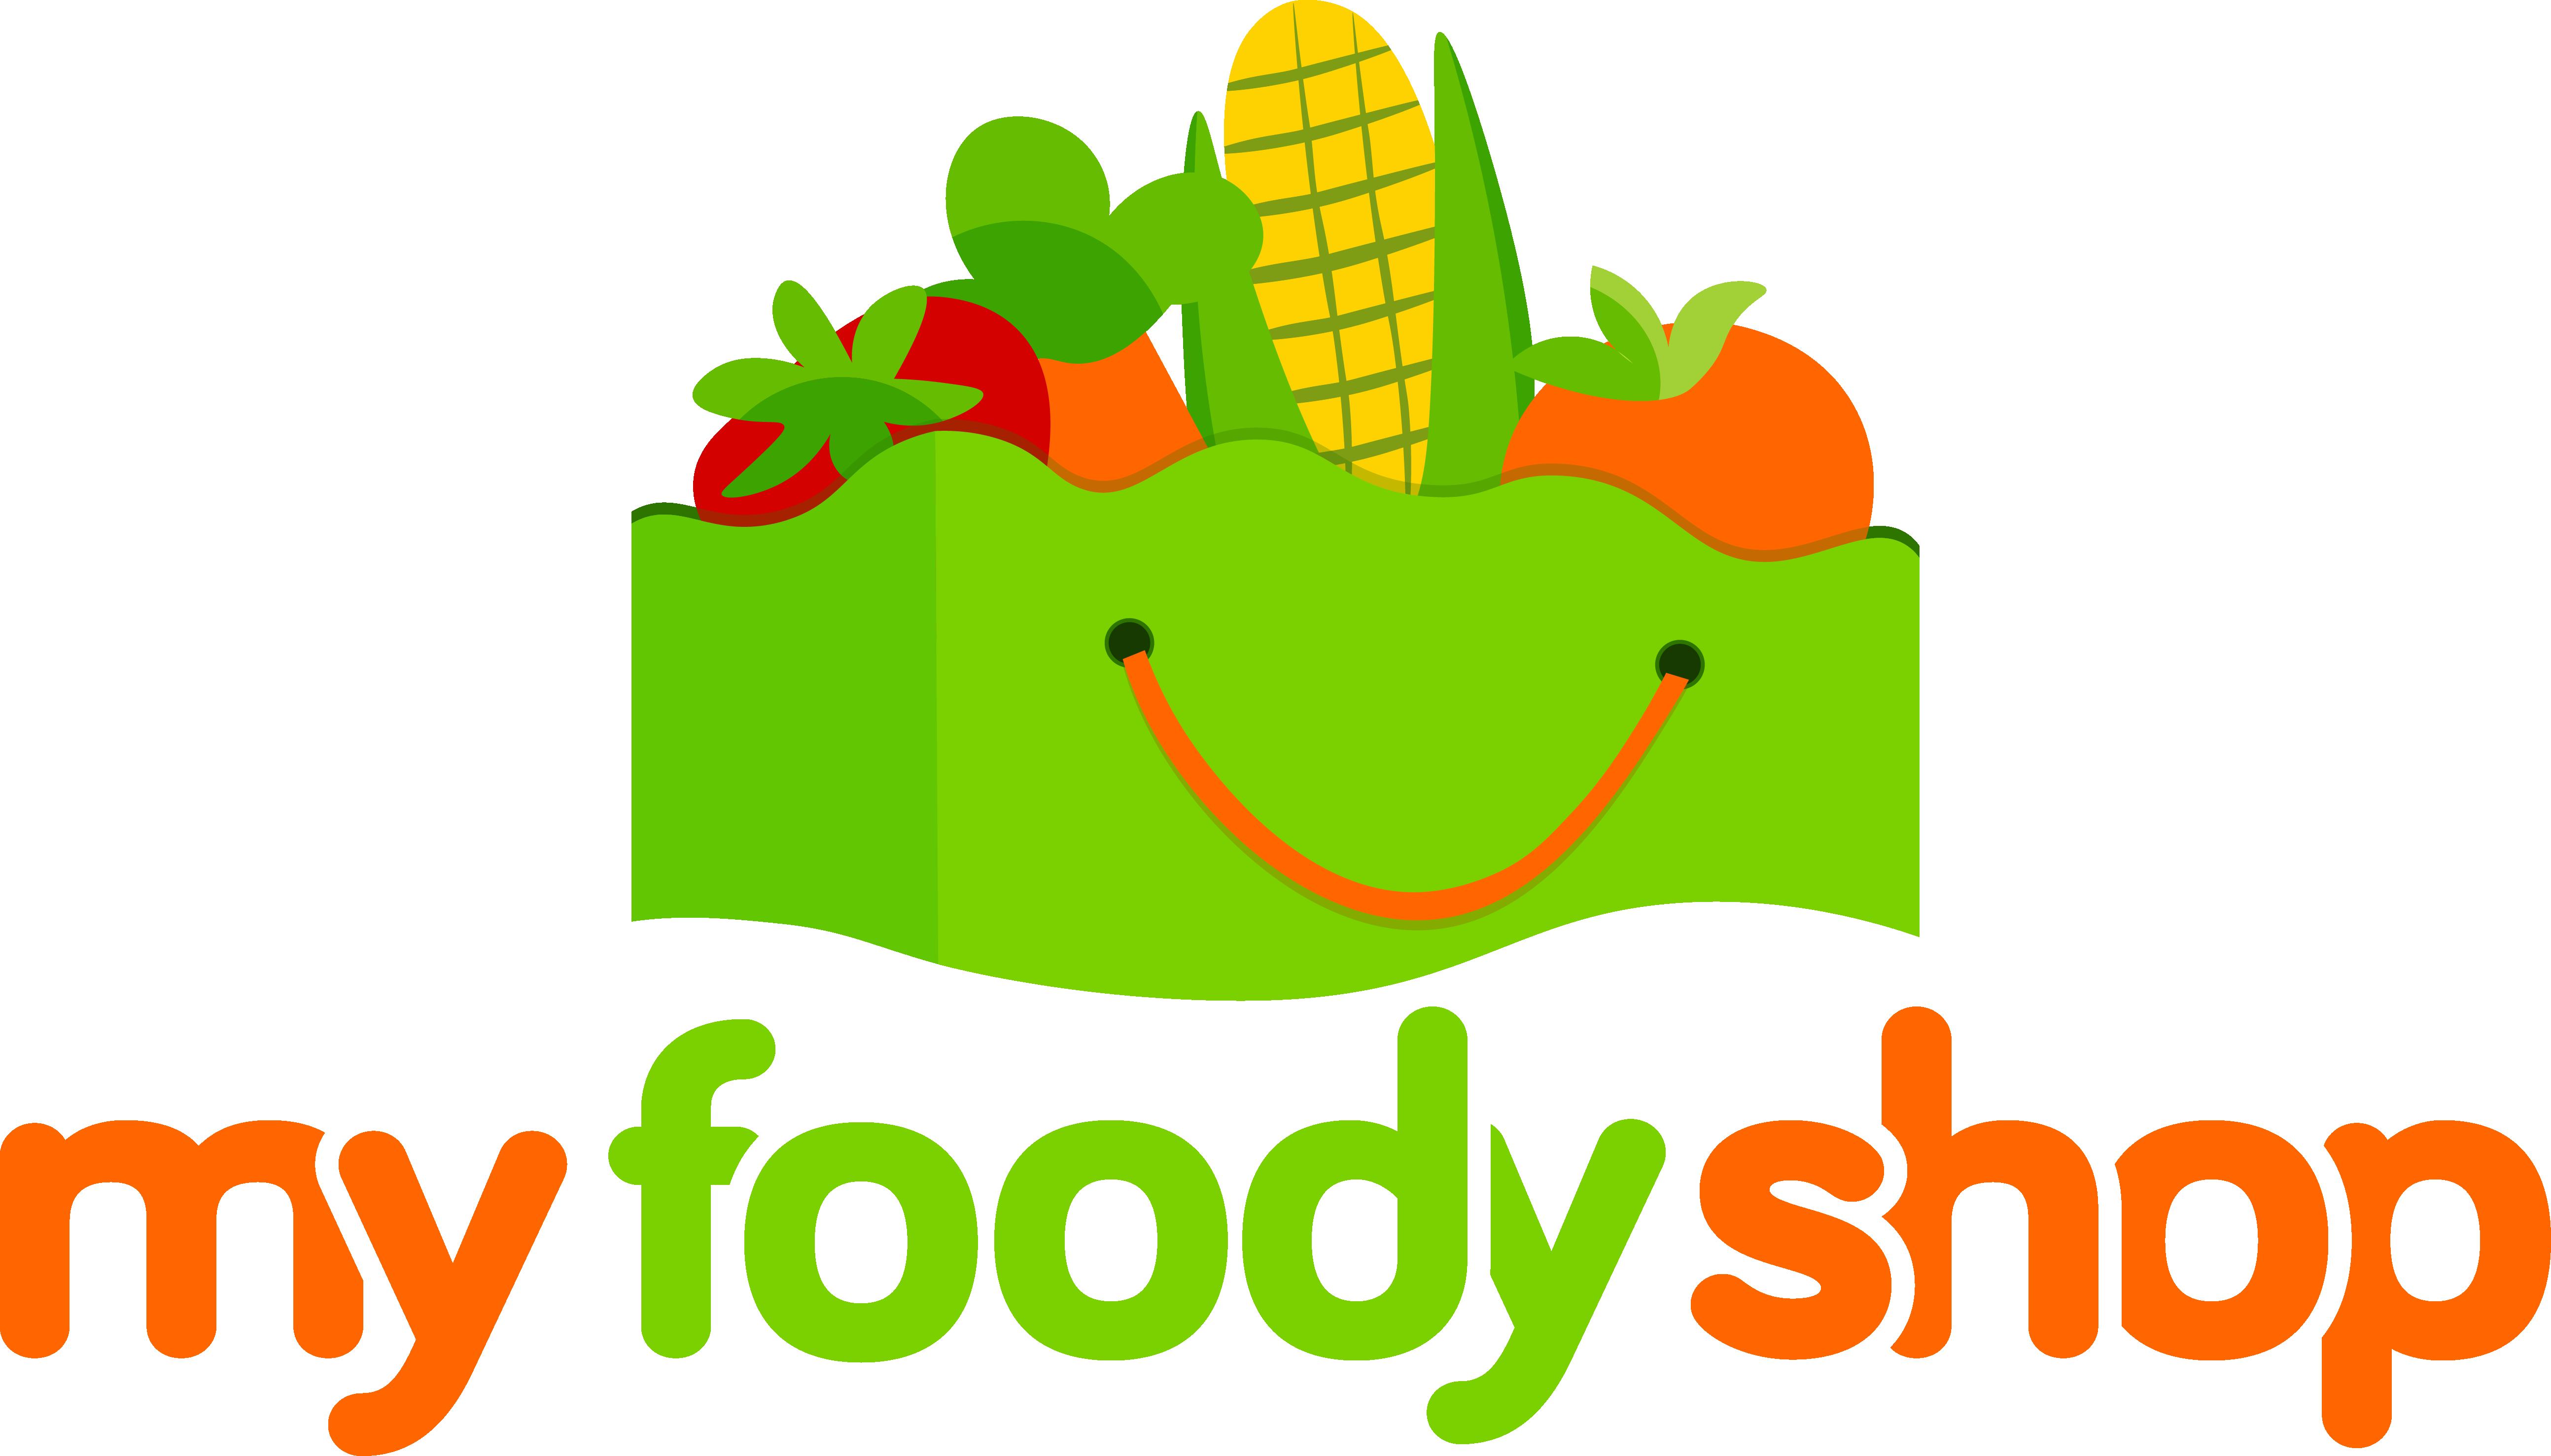 my foody shop